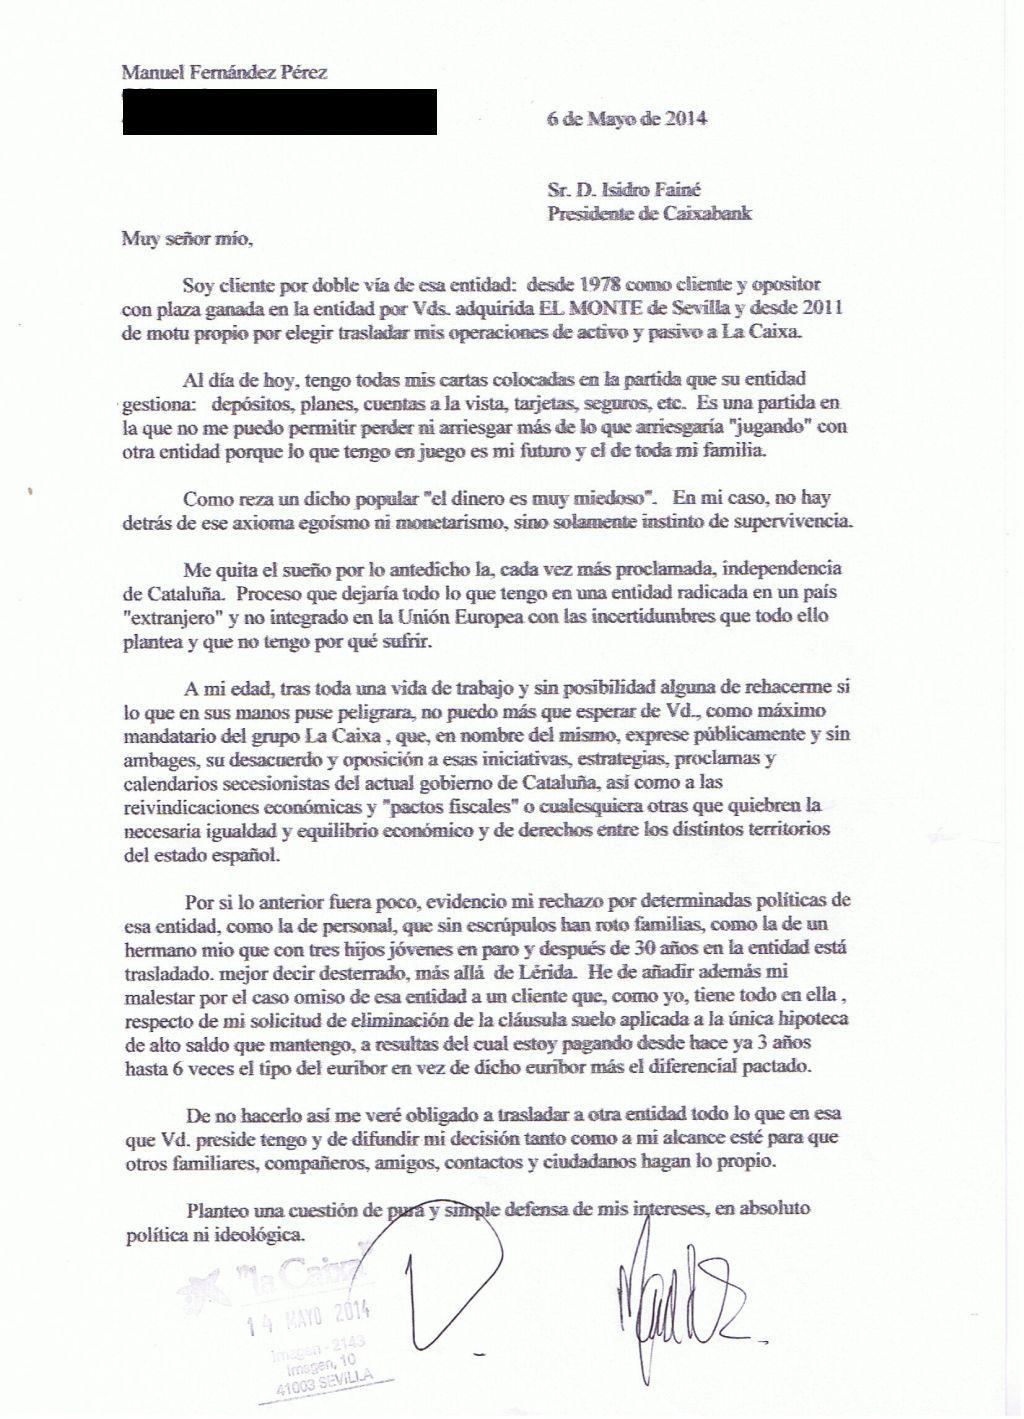 Carta al presidente de caixabank lugar de intercambio for Como saber si me afecta clausula suelo